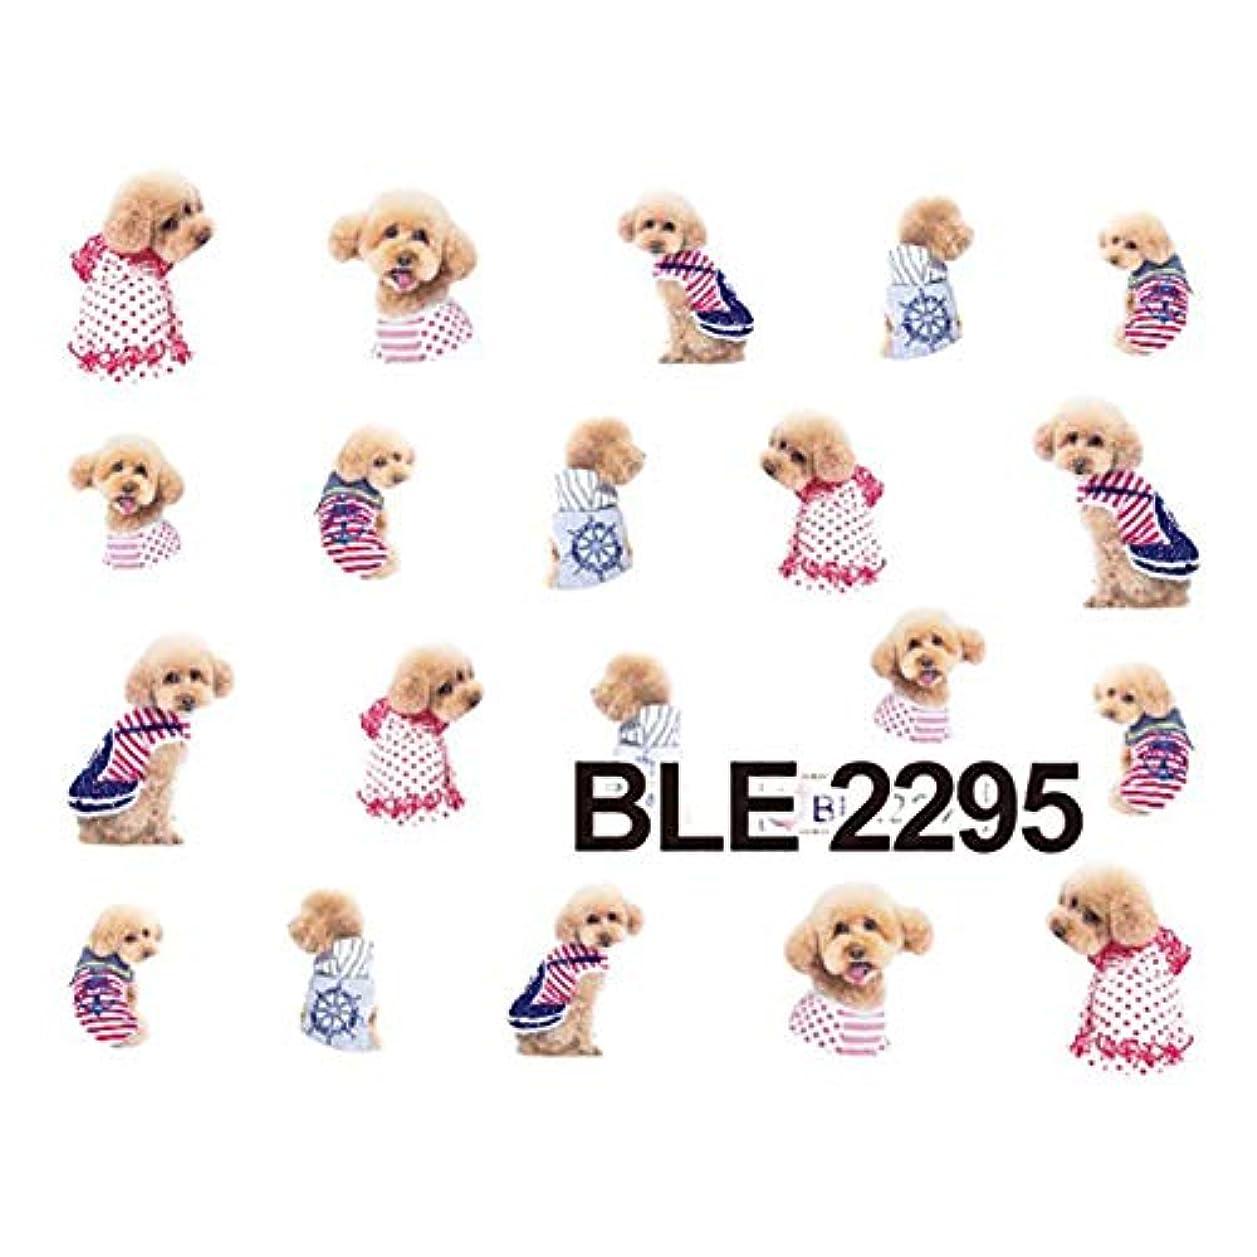 にんじんコンサルタント上にLITI ネイルシール ラブリー 犬 リアル いぬ かわいい 犬 コーギー ネイルアート 動物 アニマル 実写 転送ネイルアートステッカー 異なるスタイル 動物犬 マニキュアペディキュアステッカー